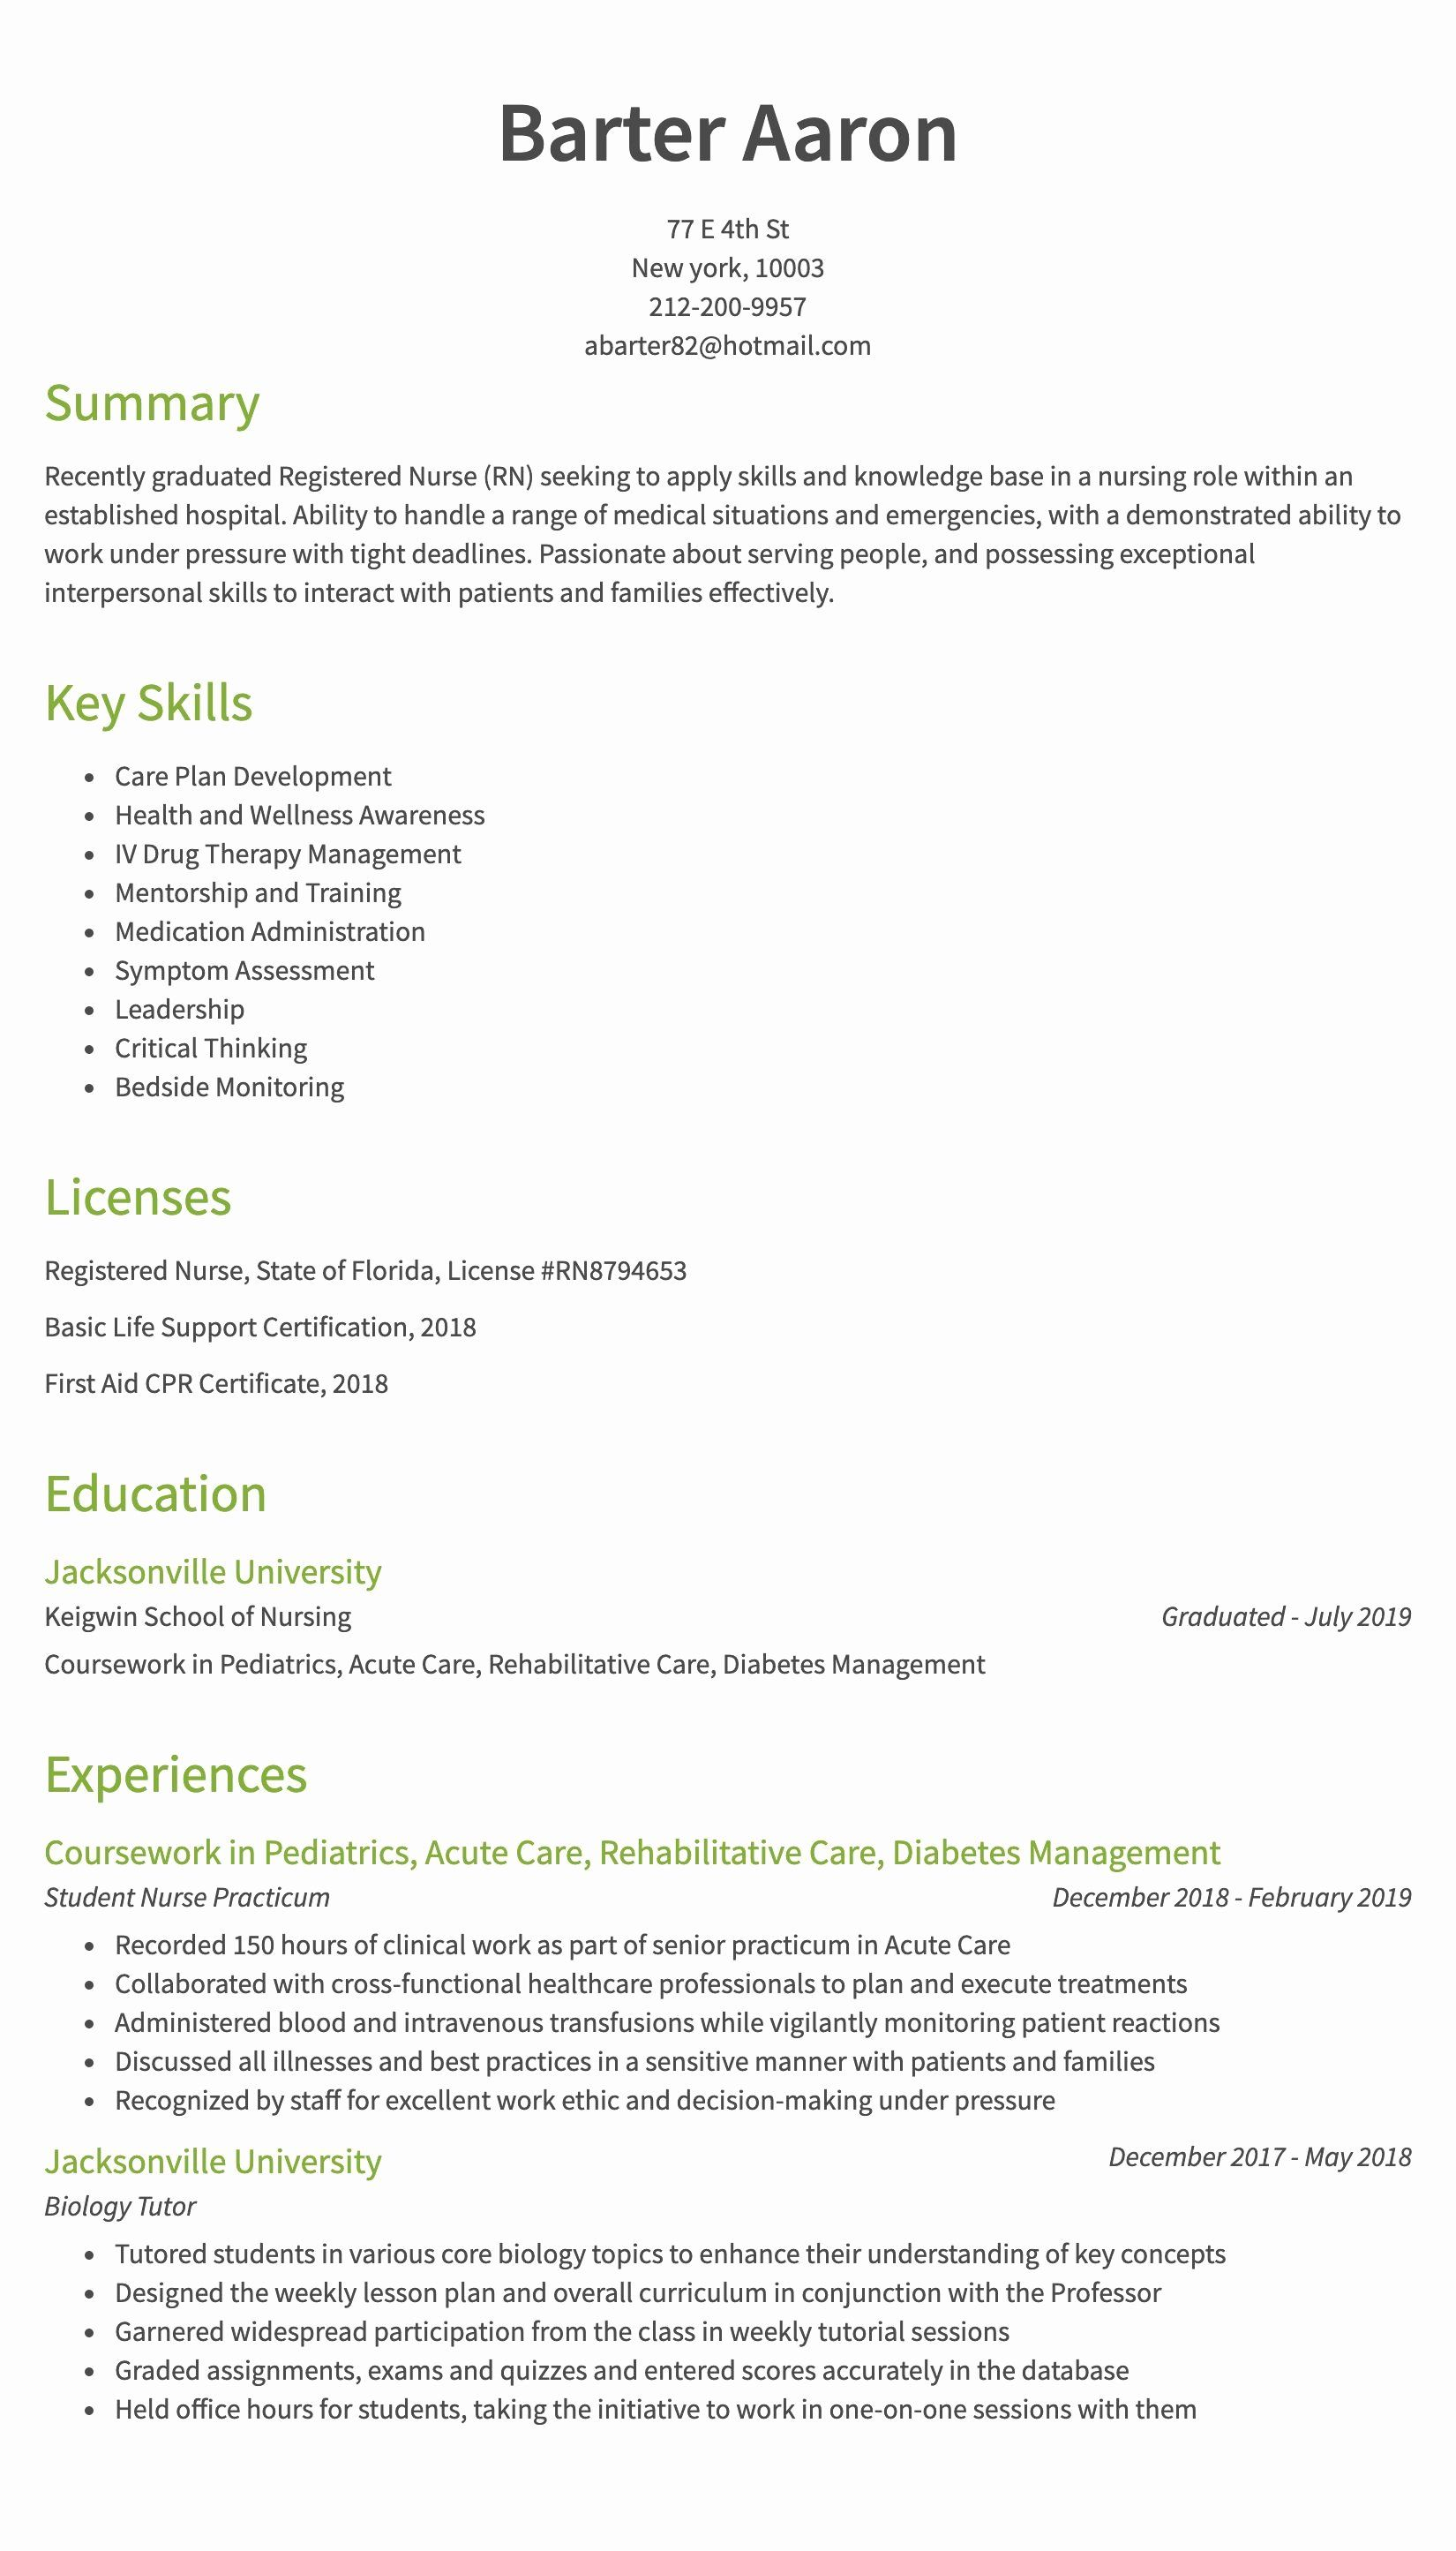 Skills On Resume For Nurse